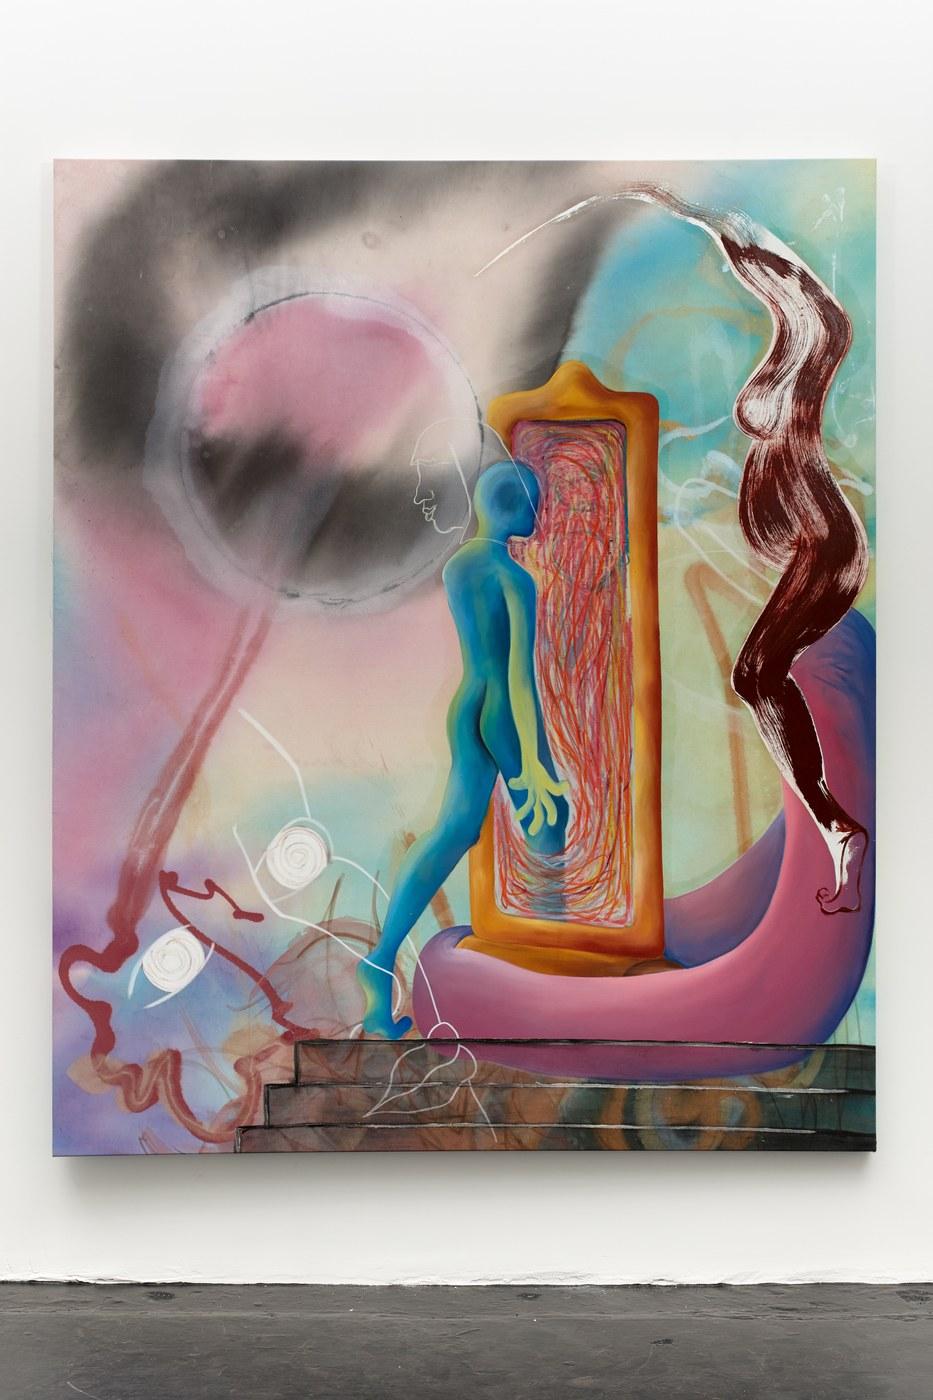 15. Nora Berman - Your Mirror, 2016